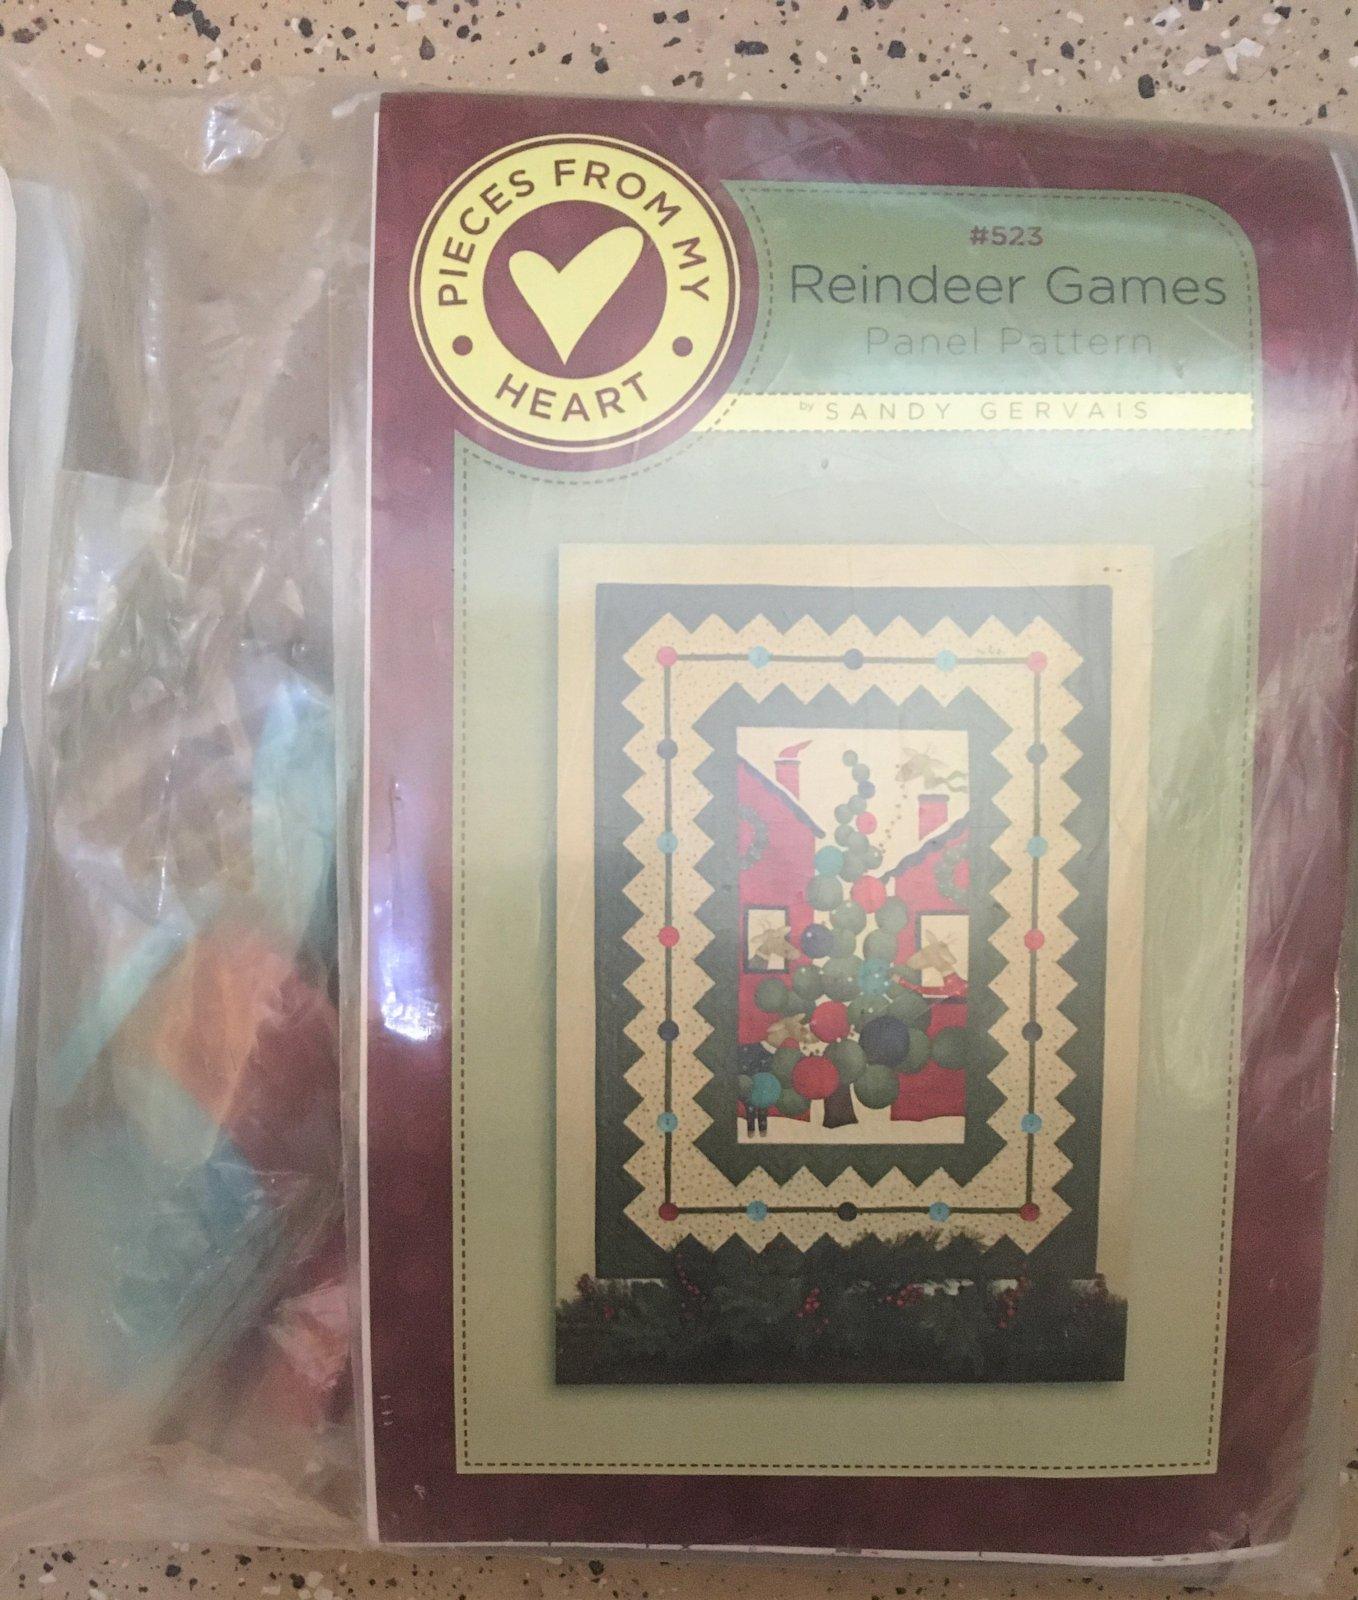 Reindeer Games Panel Pattern Kit